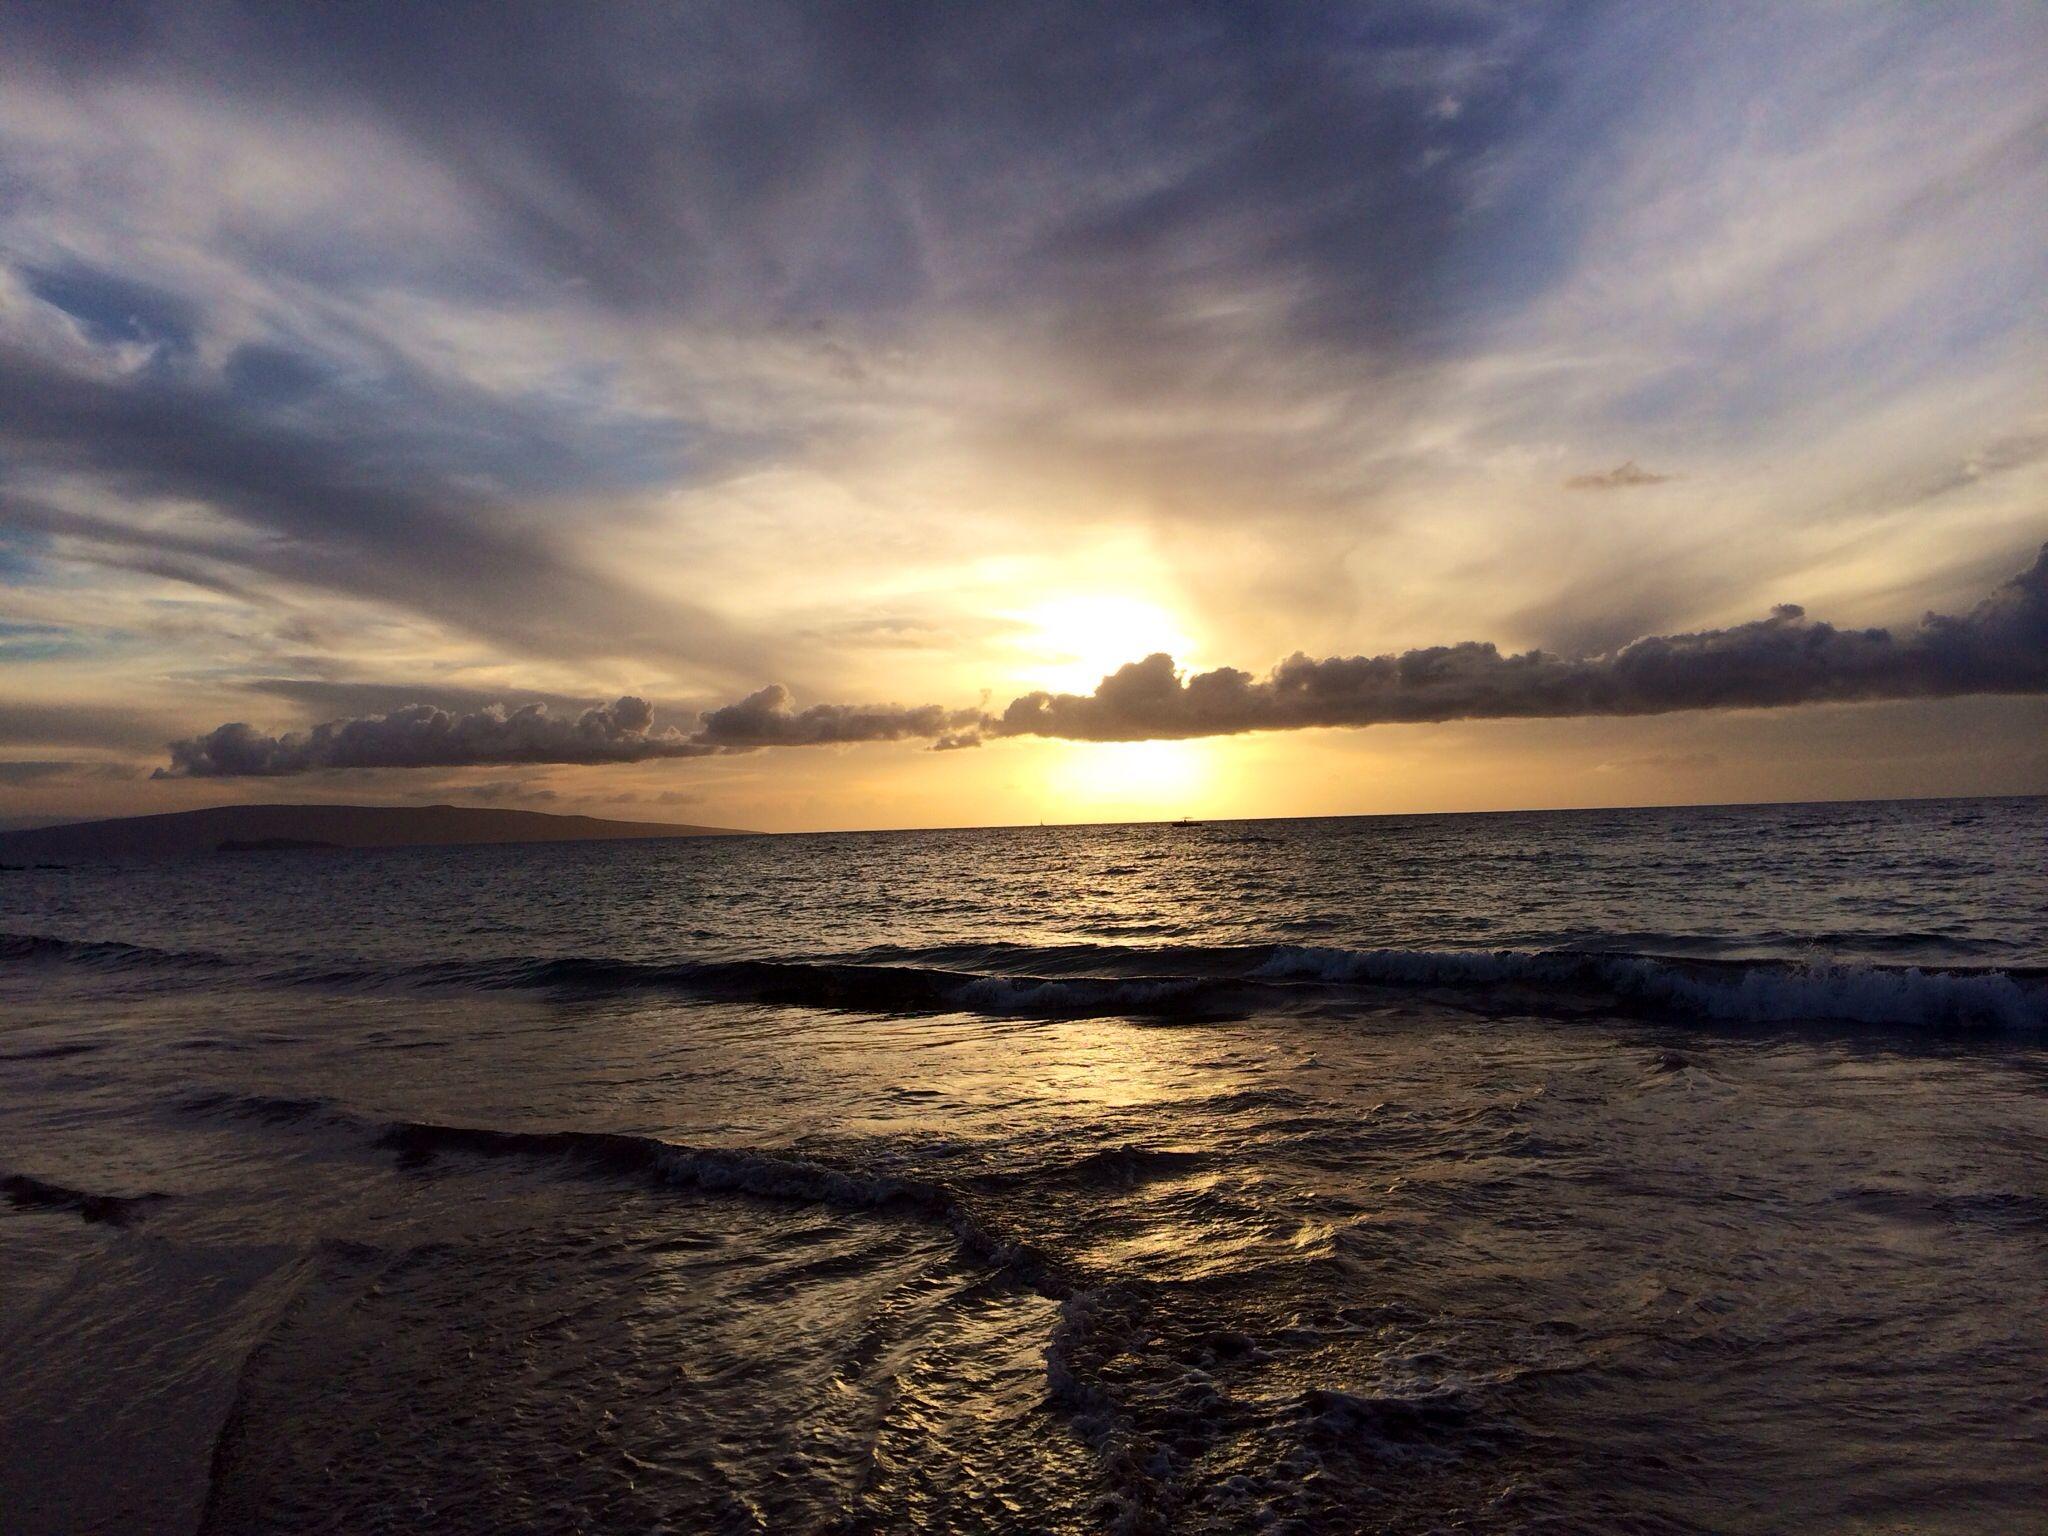 Sunset in Maui, Hawaii.   #hawaii #maui #sunset #wailea